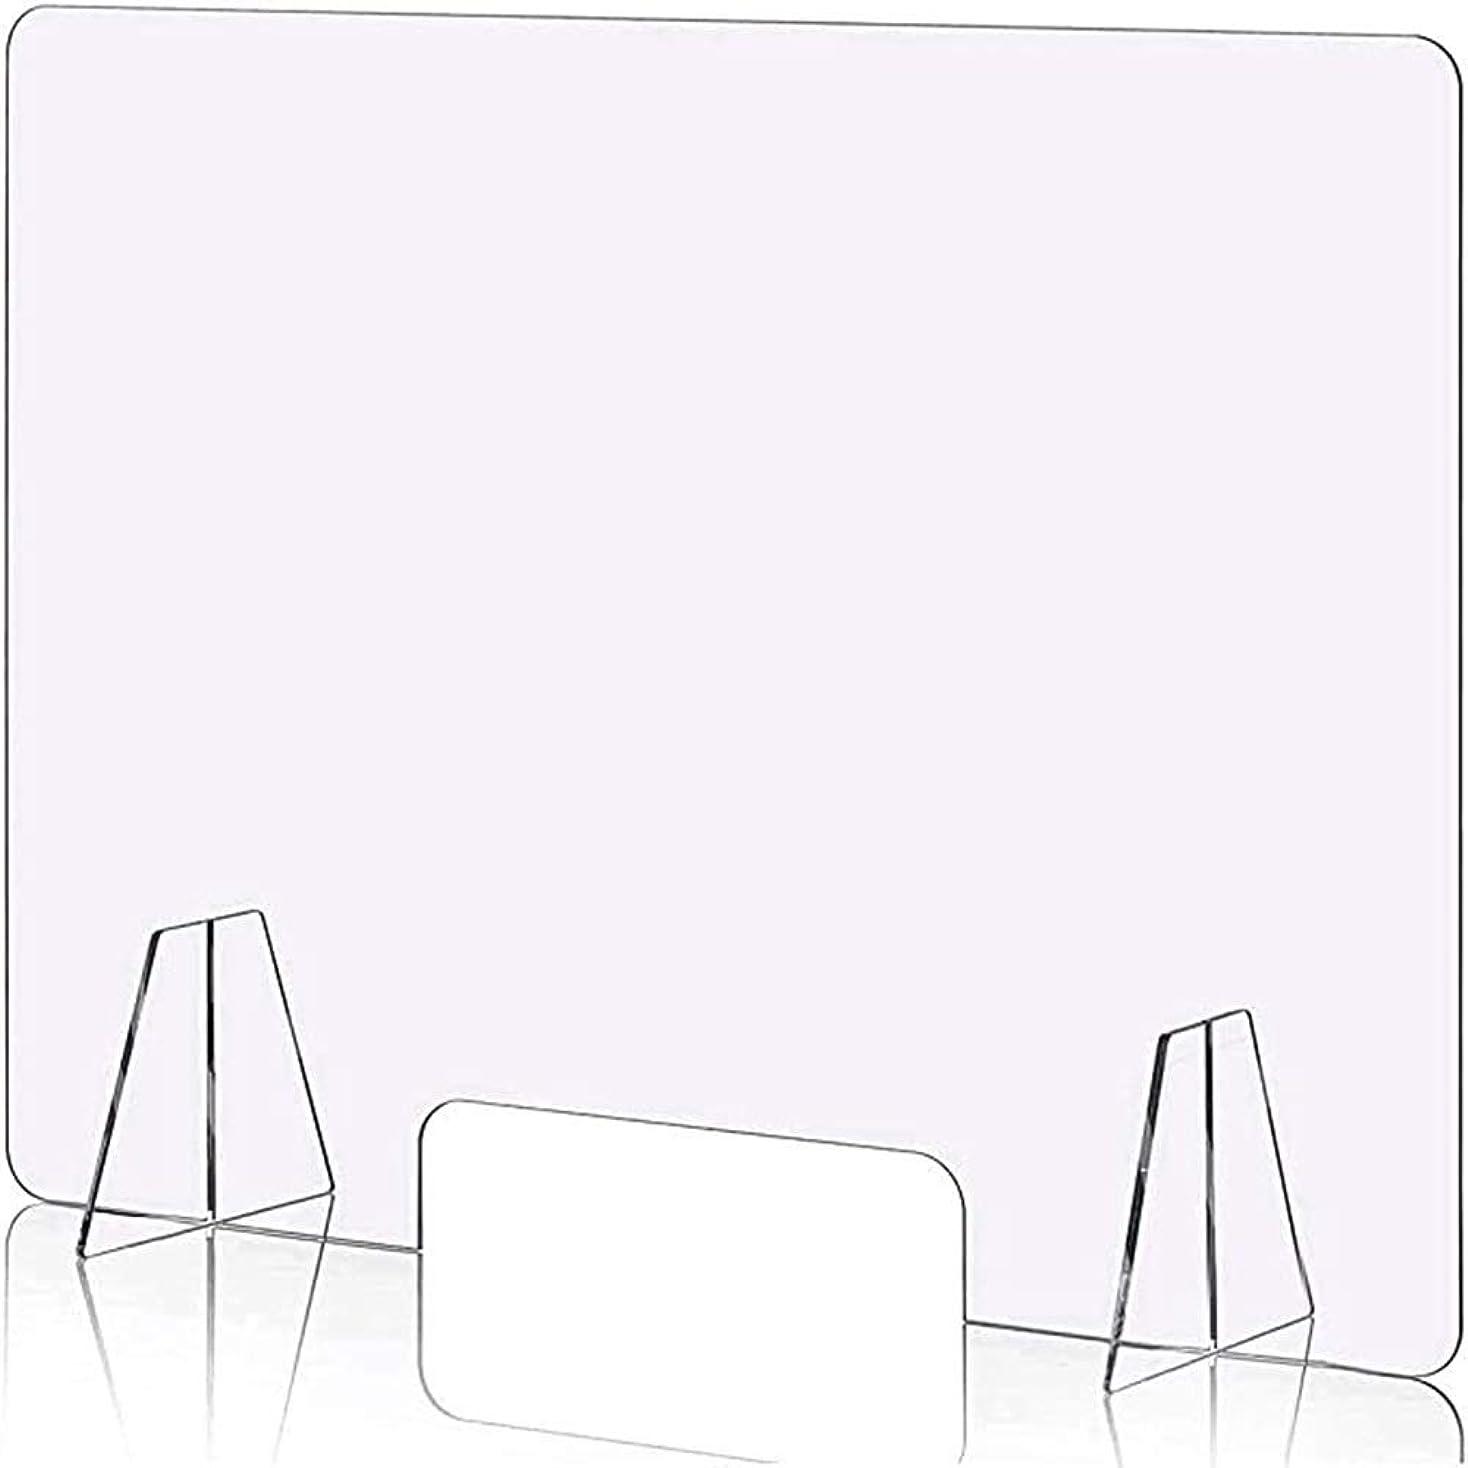 食欲ファンネルウェブスパイダーセージBENBOERMEI 飛沫防止 透明アクリルパーテーション デスク用仕切り板 約 W800mm*H600mm*4mm デスク用スクリーン 衝立 間仕切り 角丸加工 設置簡単 衝立 飲食店 オフィス 学校 病院 薬局